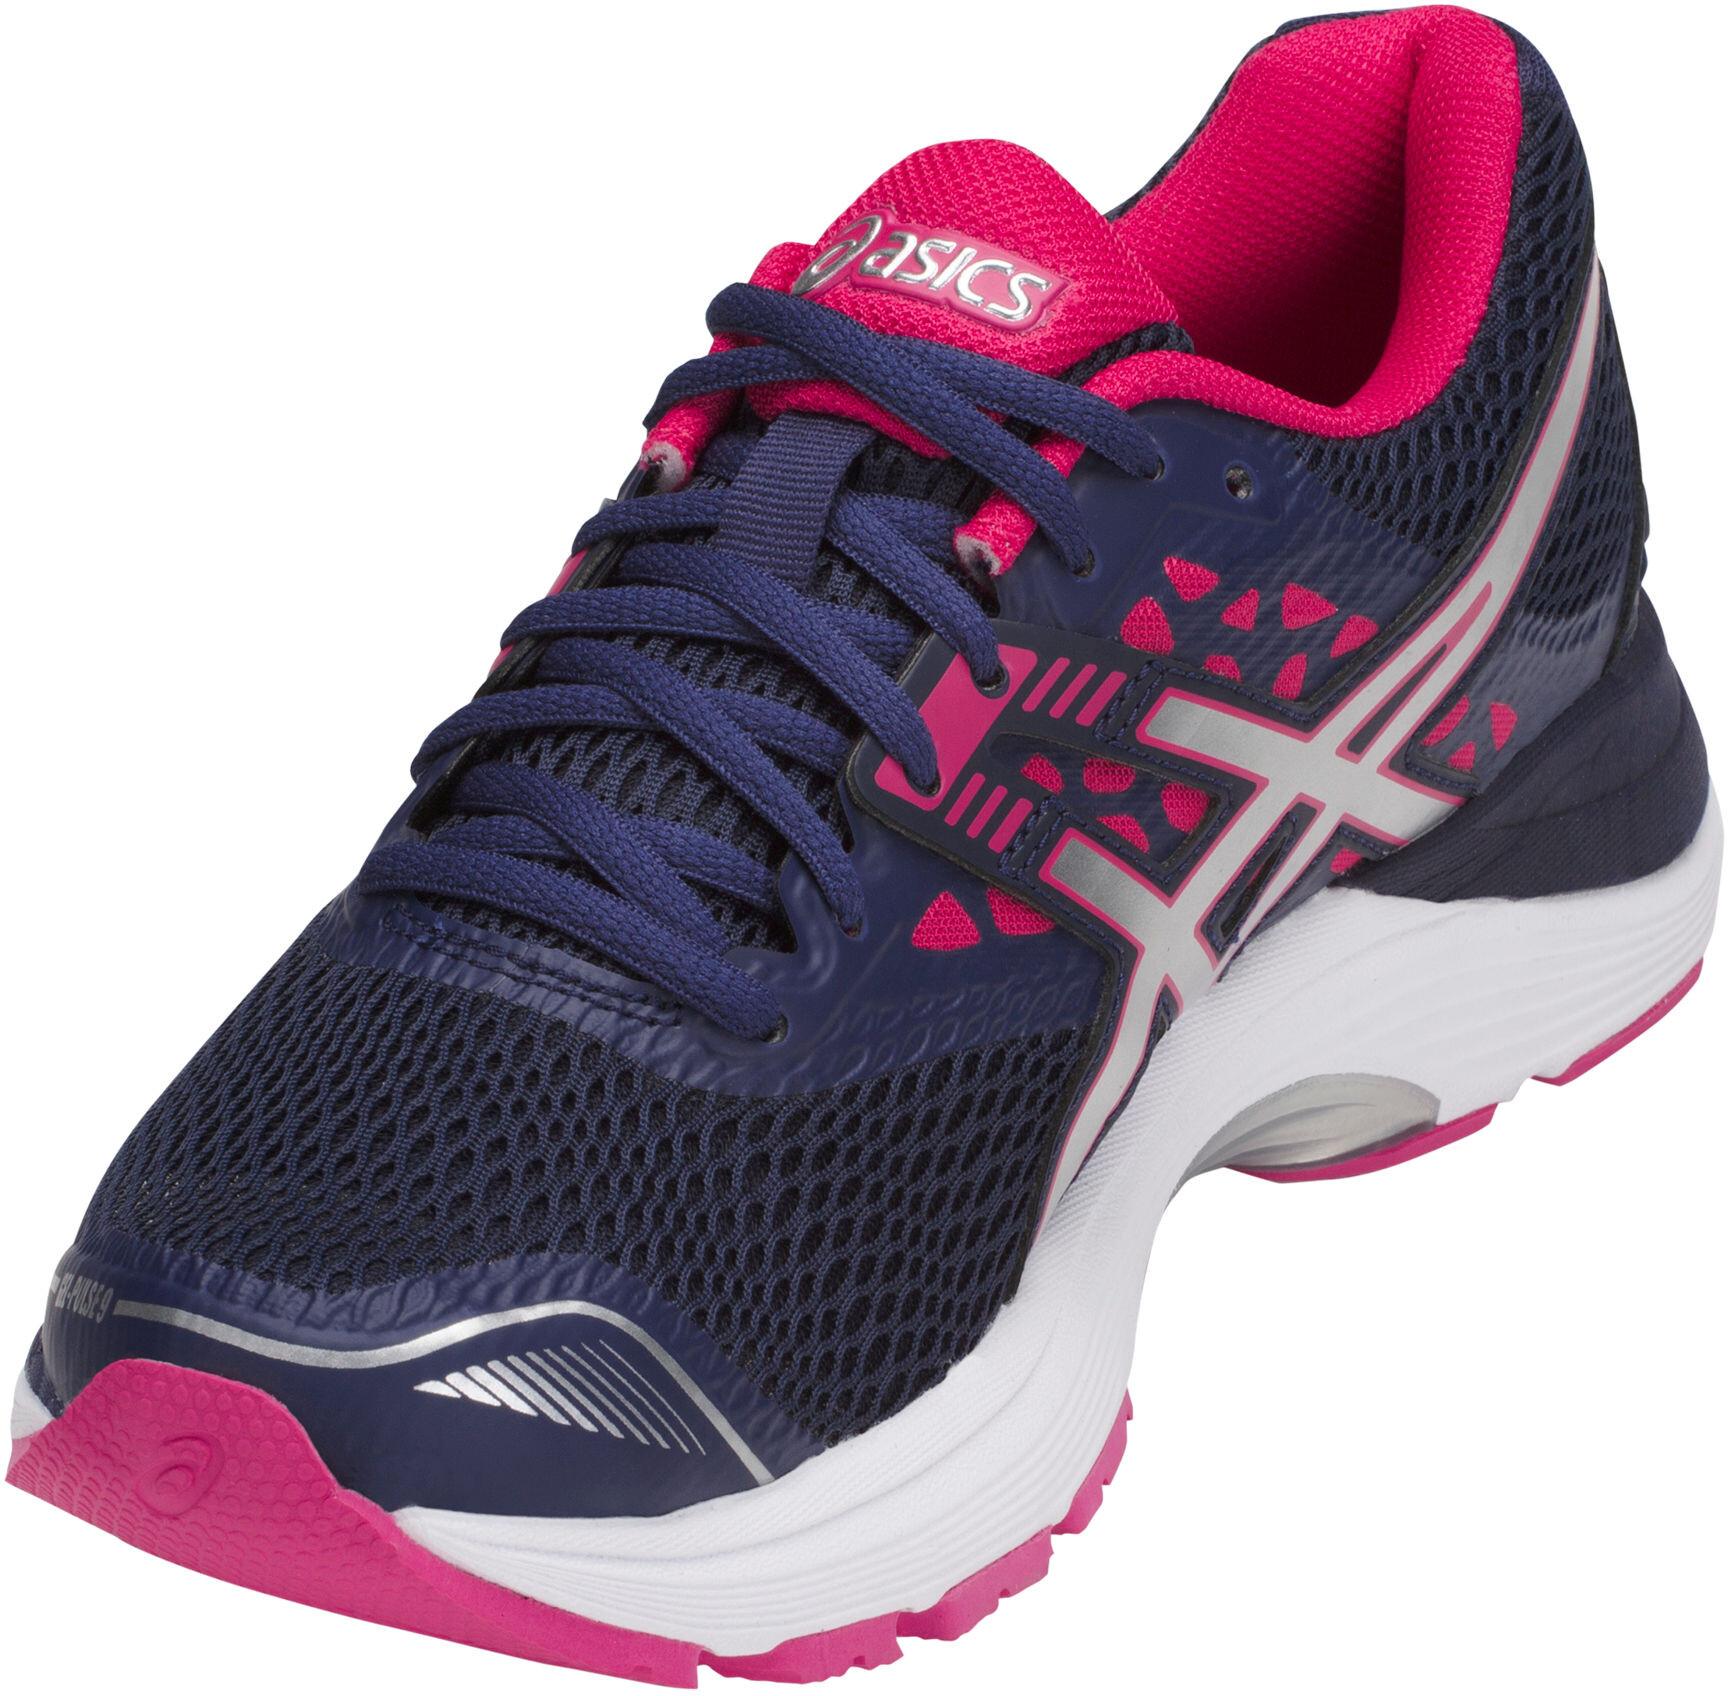 asics Gel-Pulse 9 - Chaussures running Femme - rose bleu sur CAMPZ ! 675497f6ebdf2